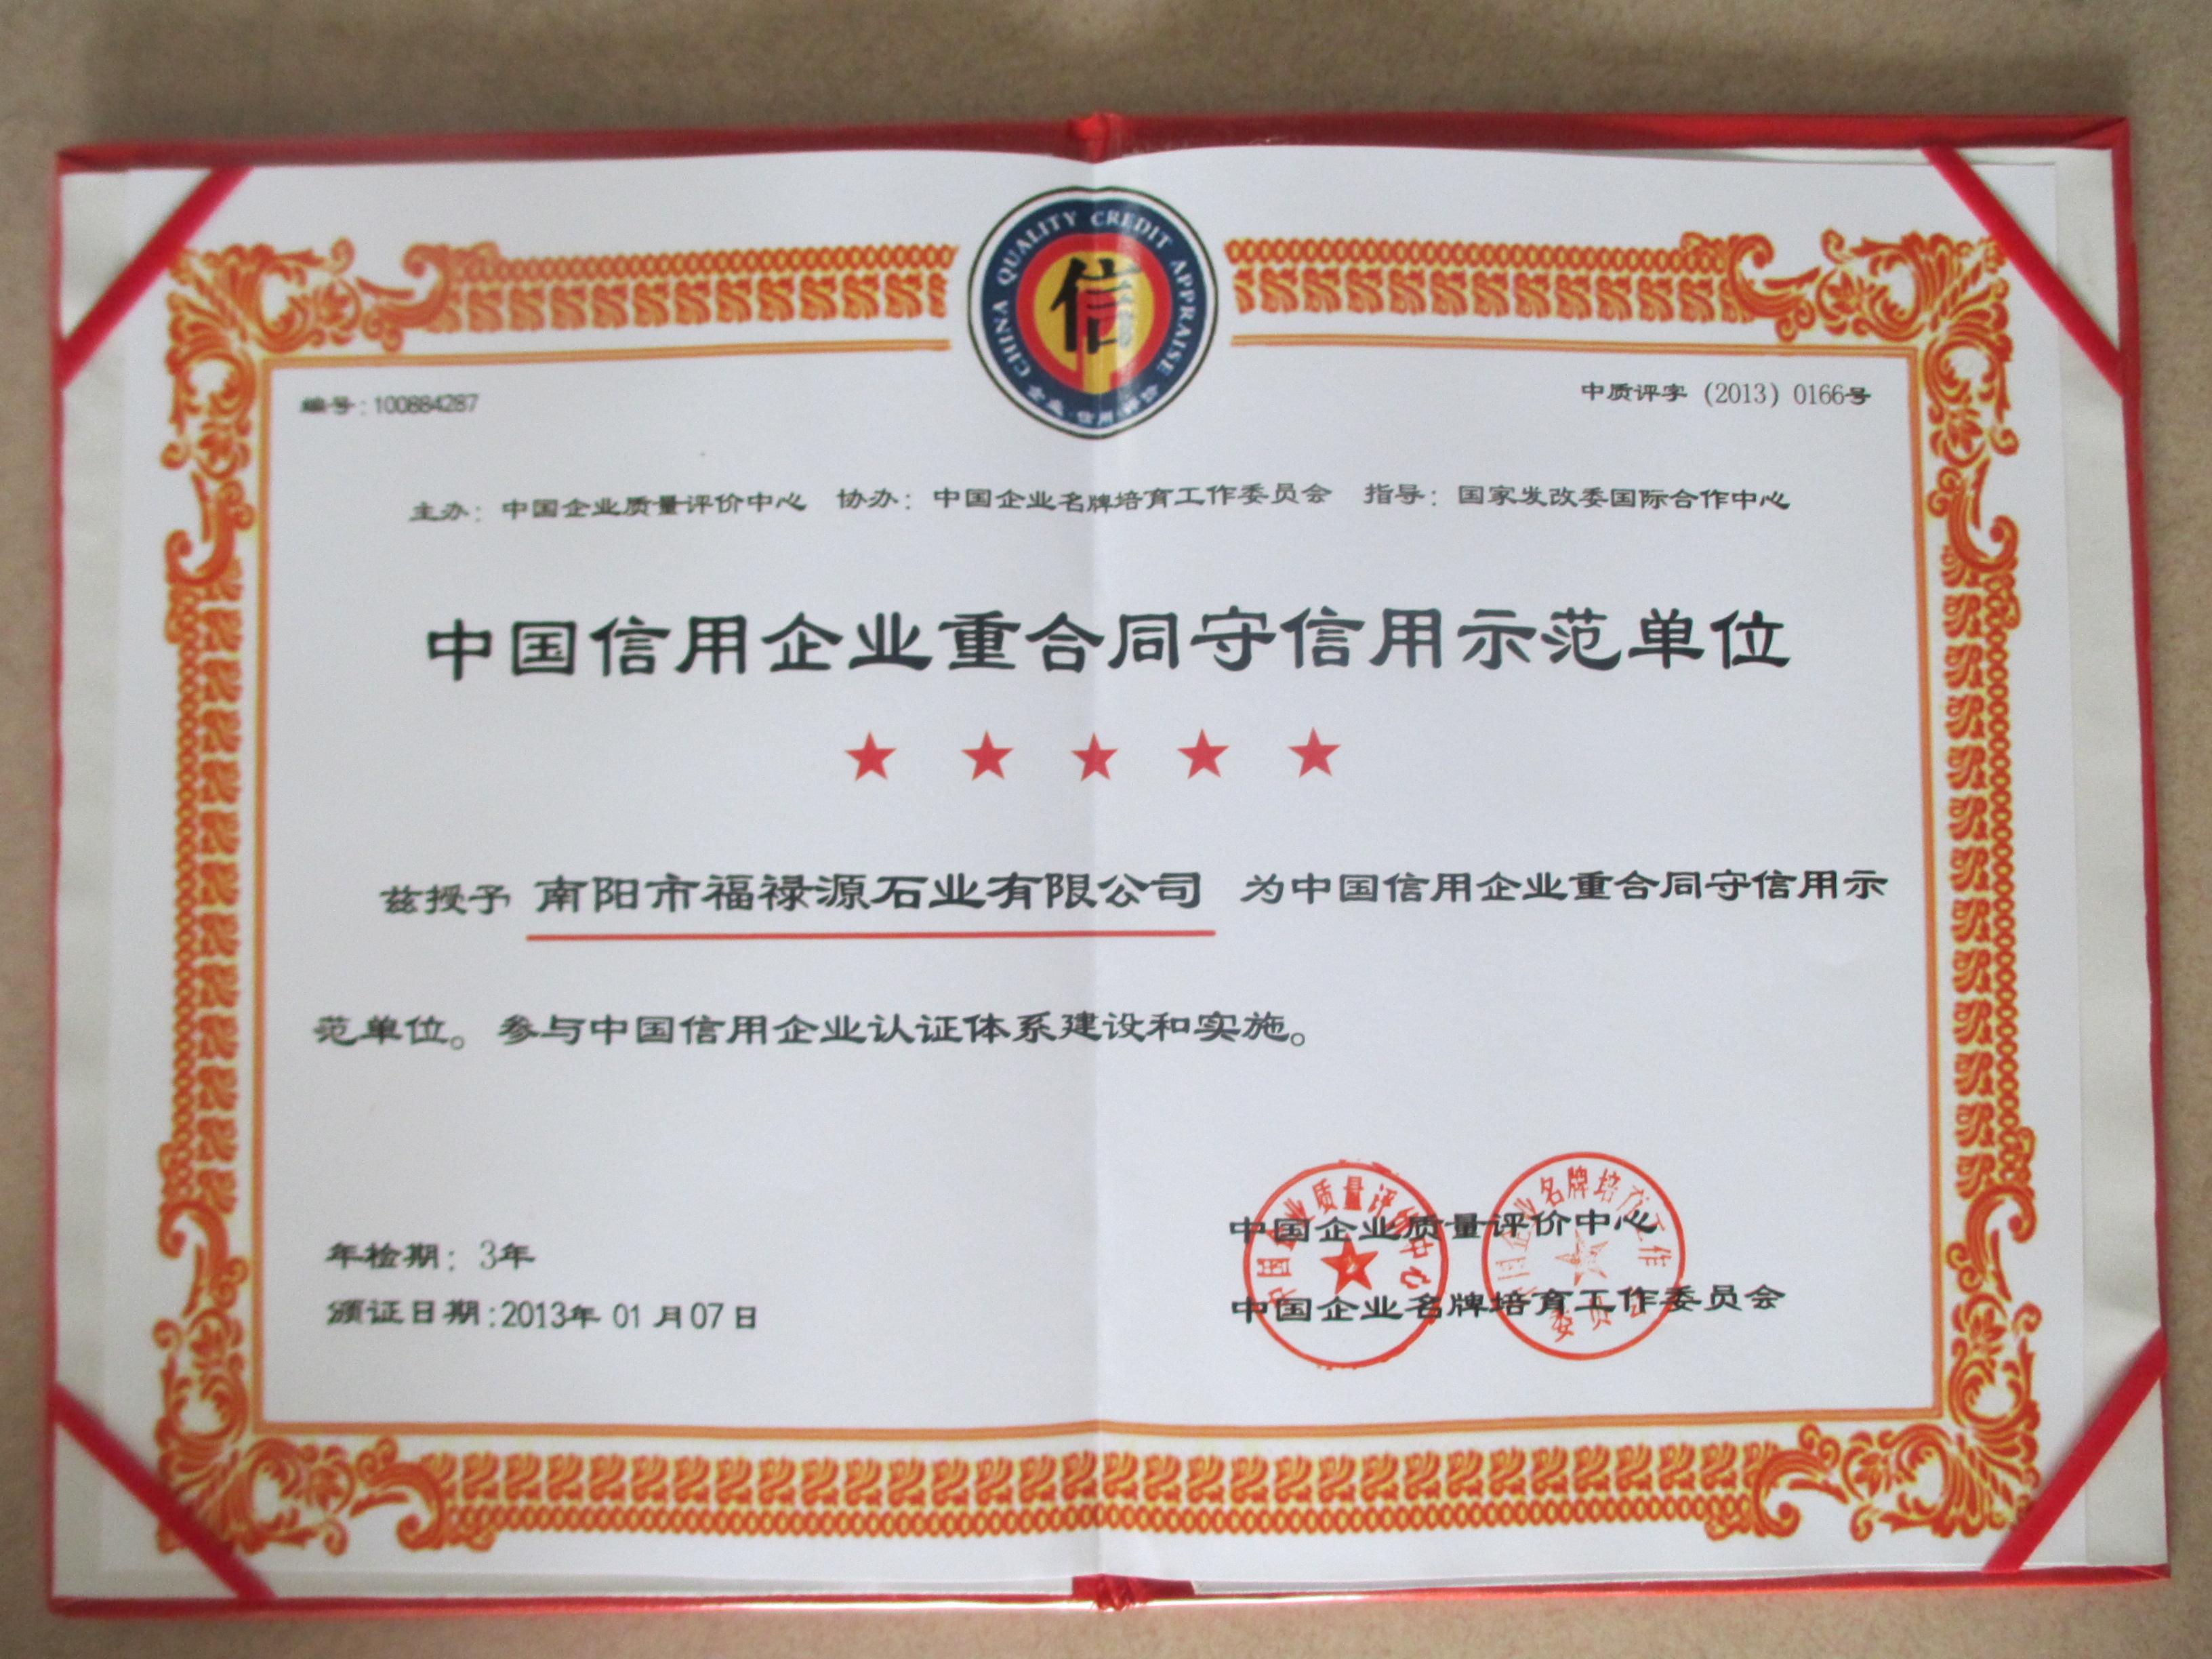 南阳福禄源石业有限公司荣获重合同守信誉企业证书